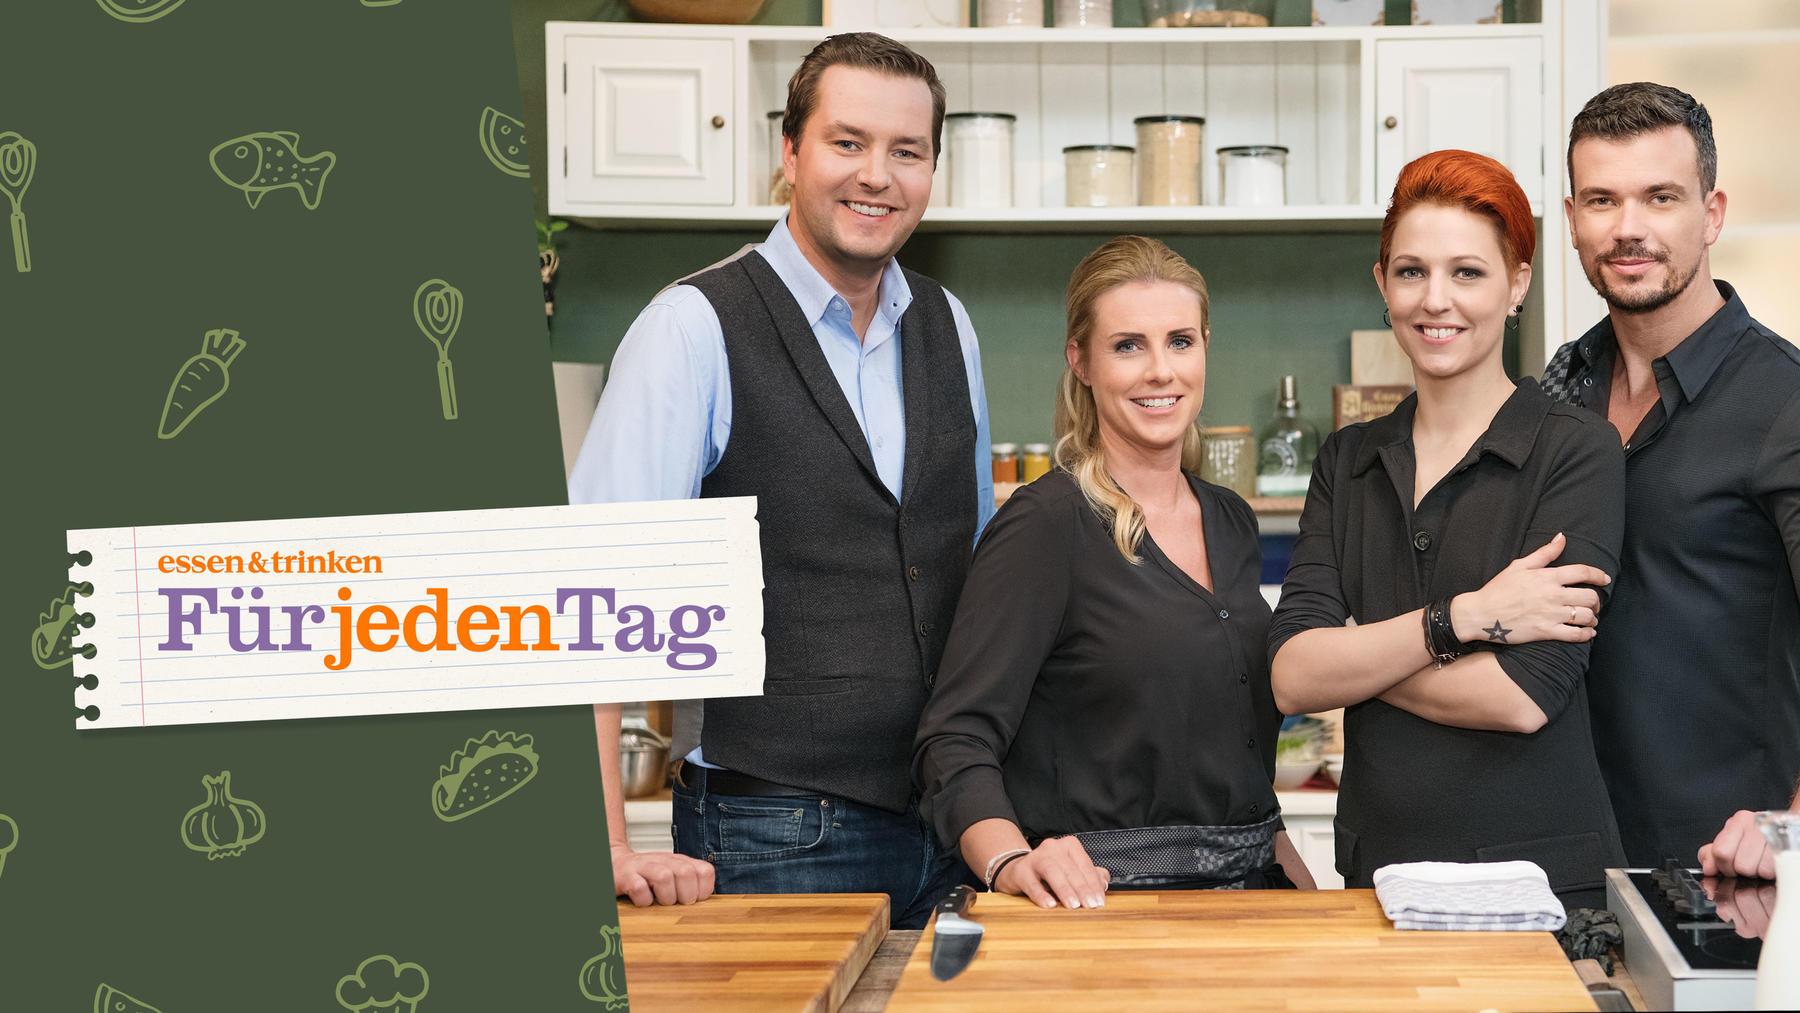 essen & trinken - Für jeden Tag - RTLup